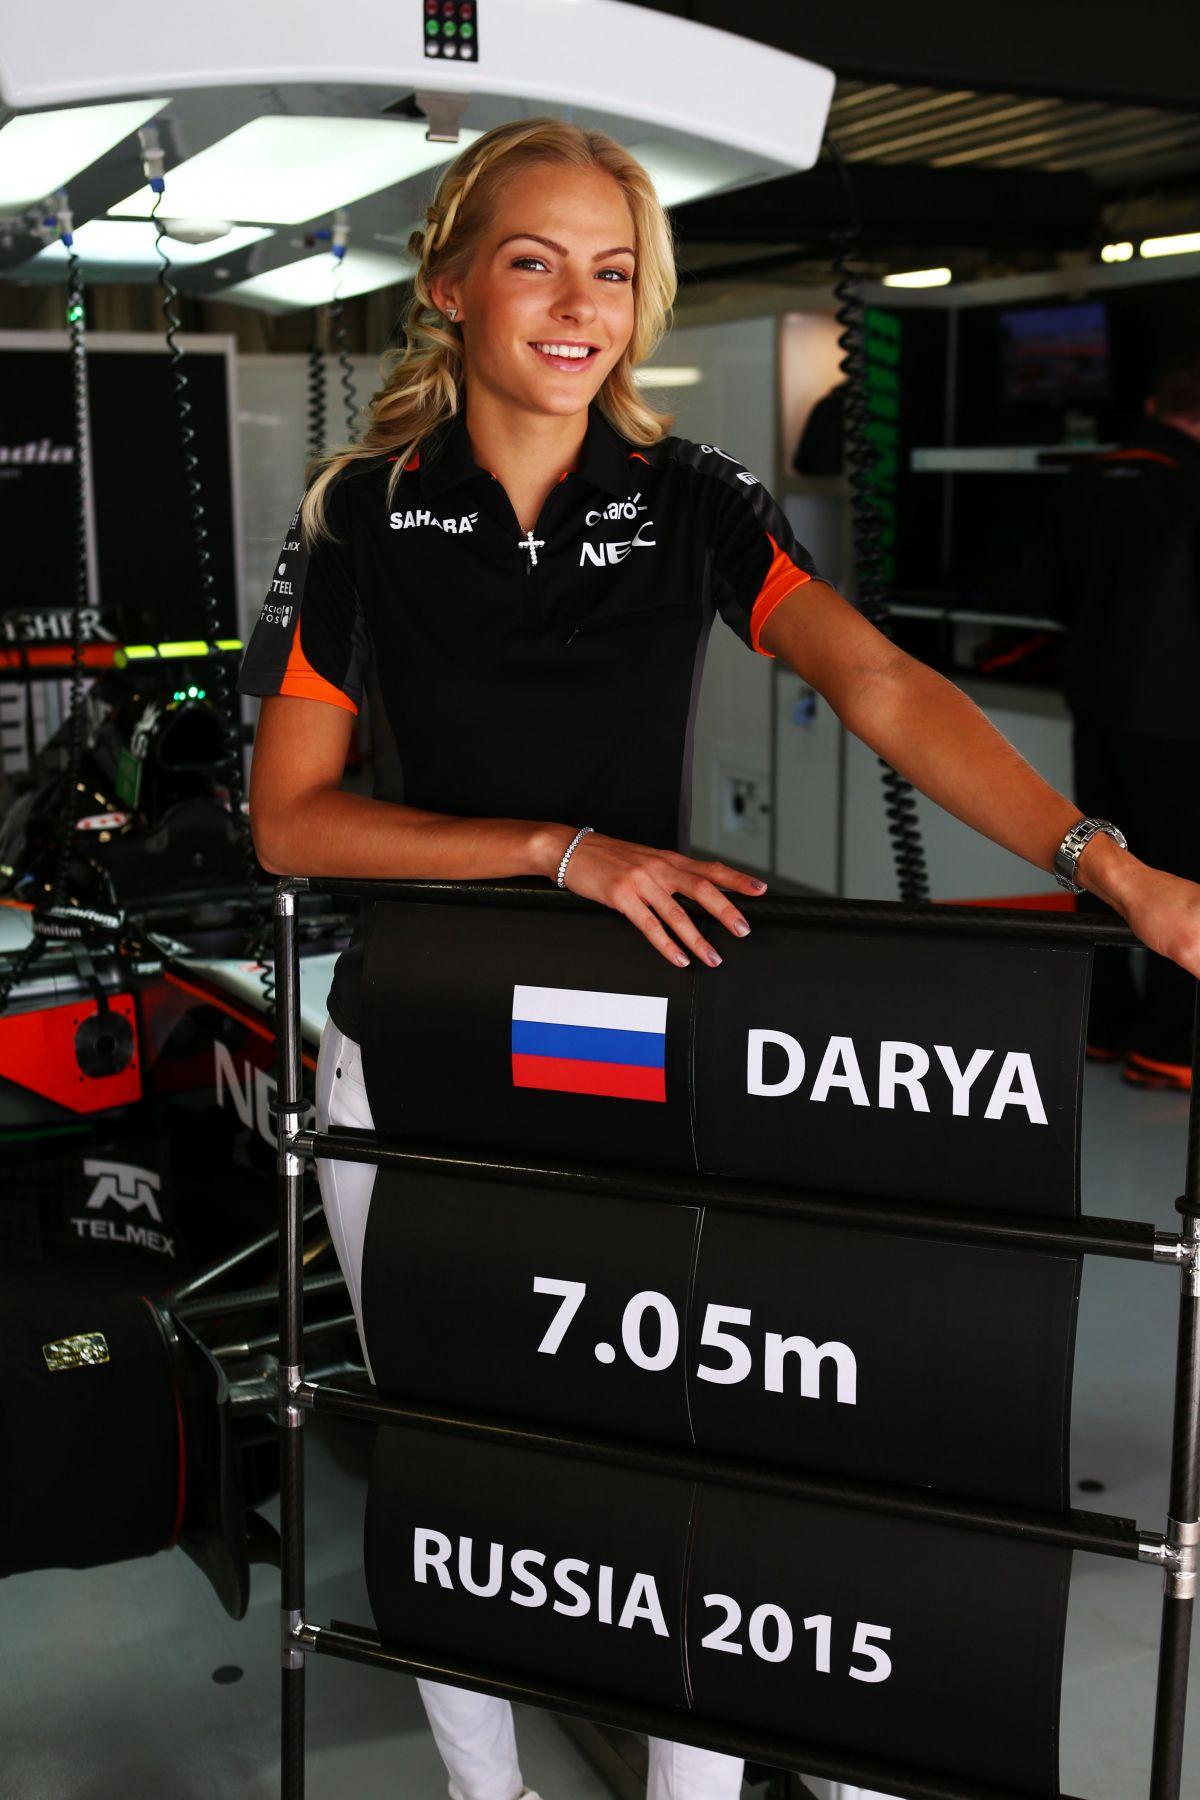 Darya F Russian Russian 110